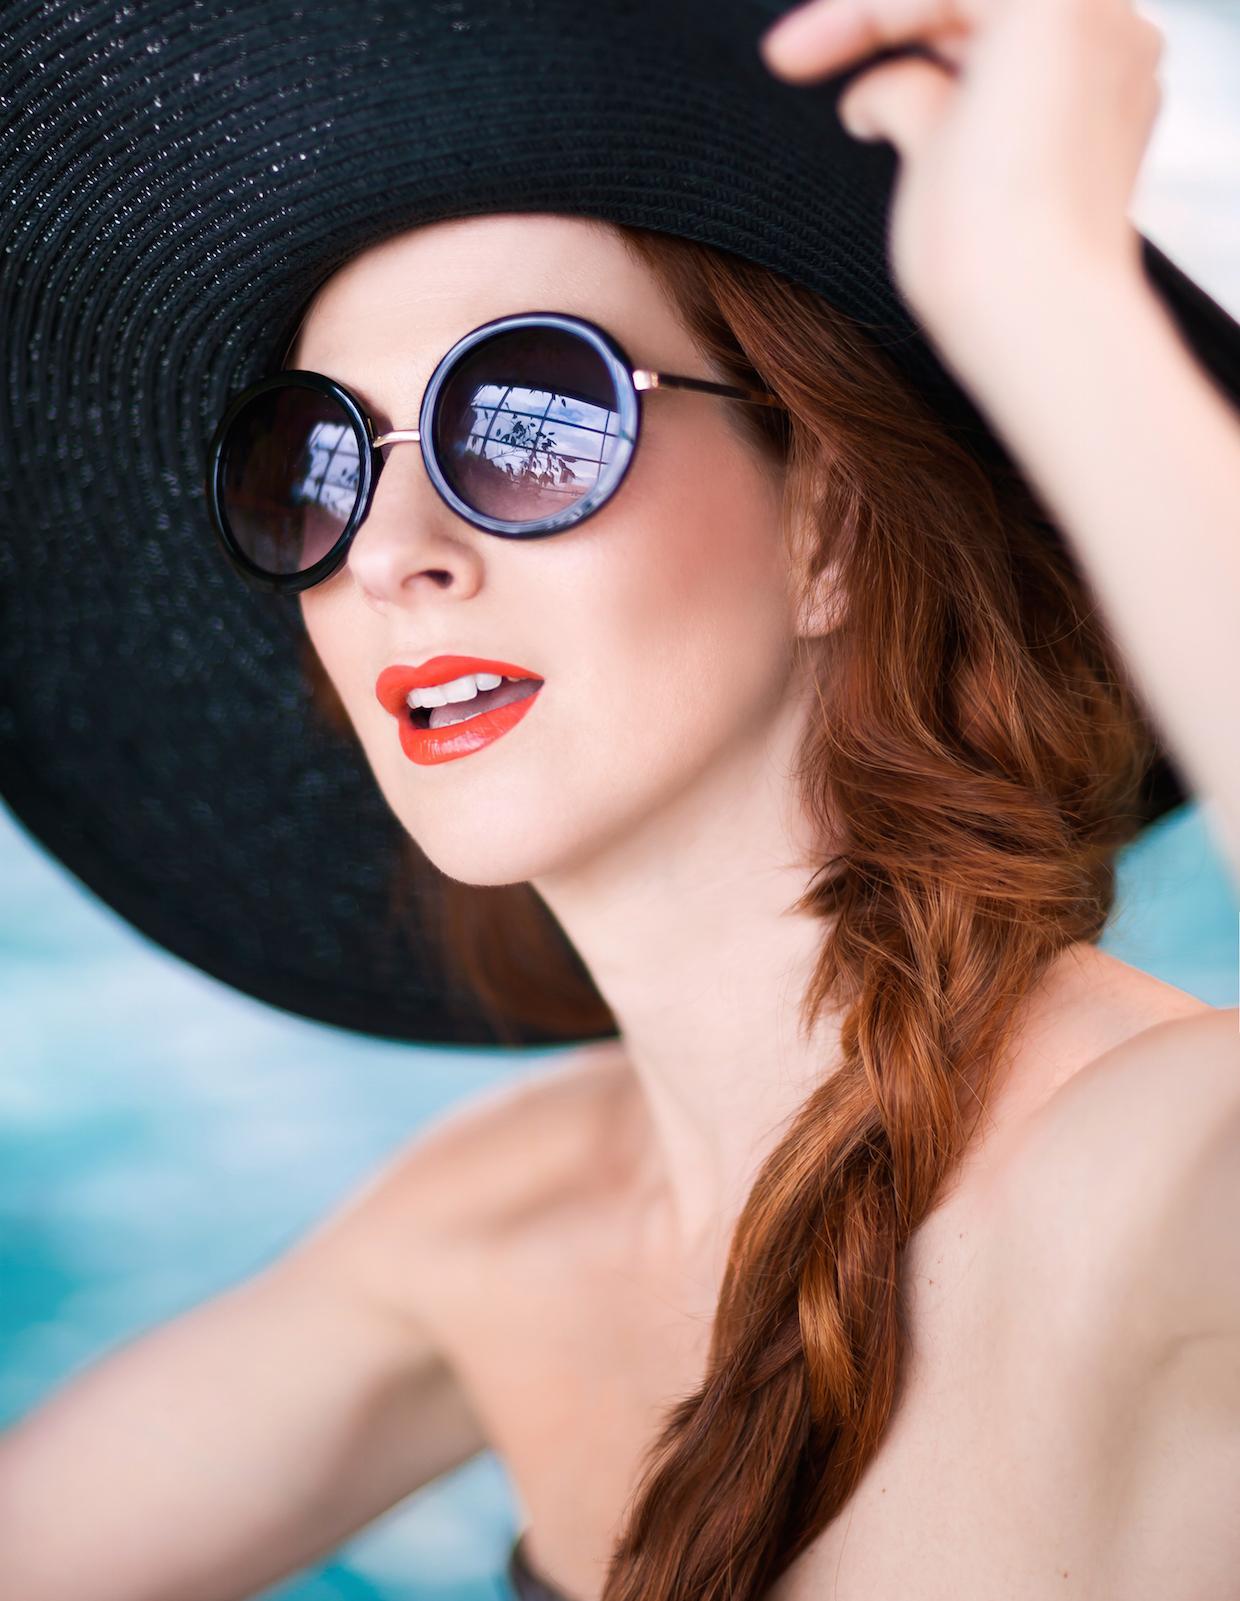 famme-fatale-Nika-Veger-lepotna-blogerka-Ana-Gregoric 7